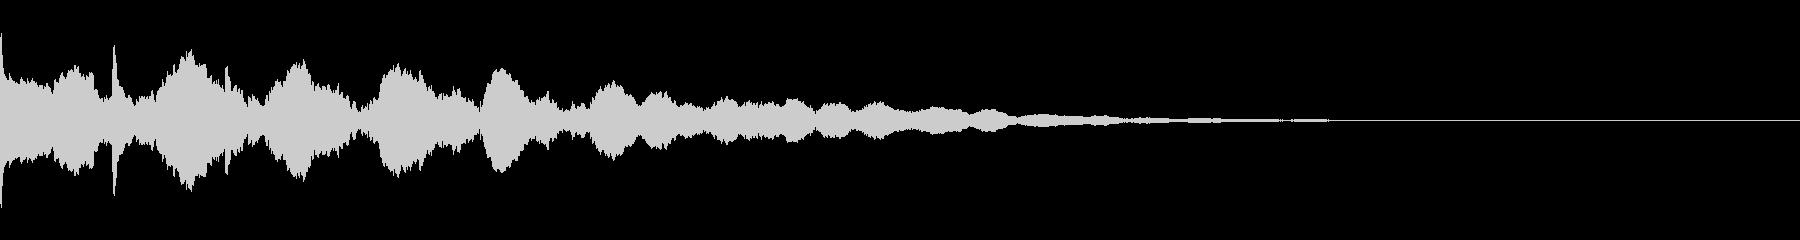 ぽん:疑問に思う時dの未再生の波形